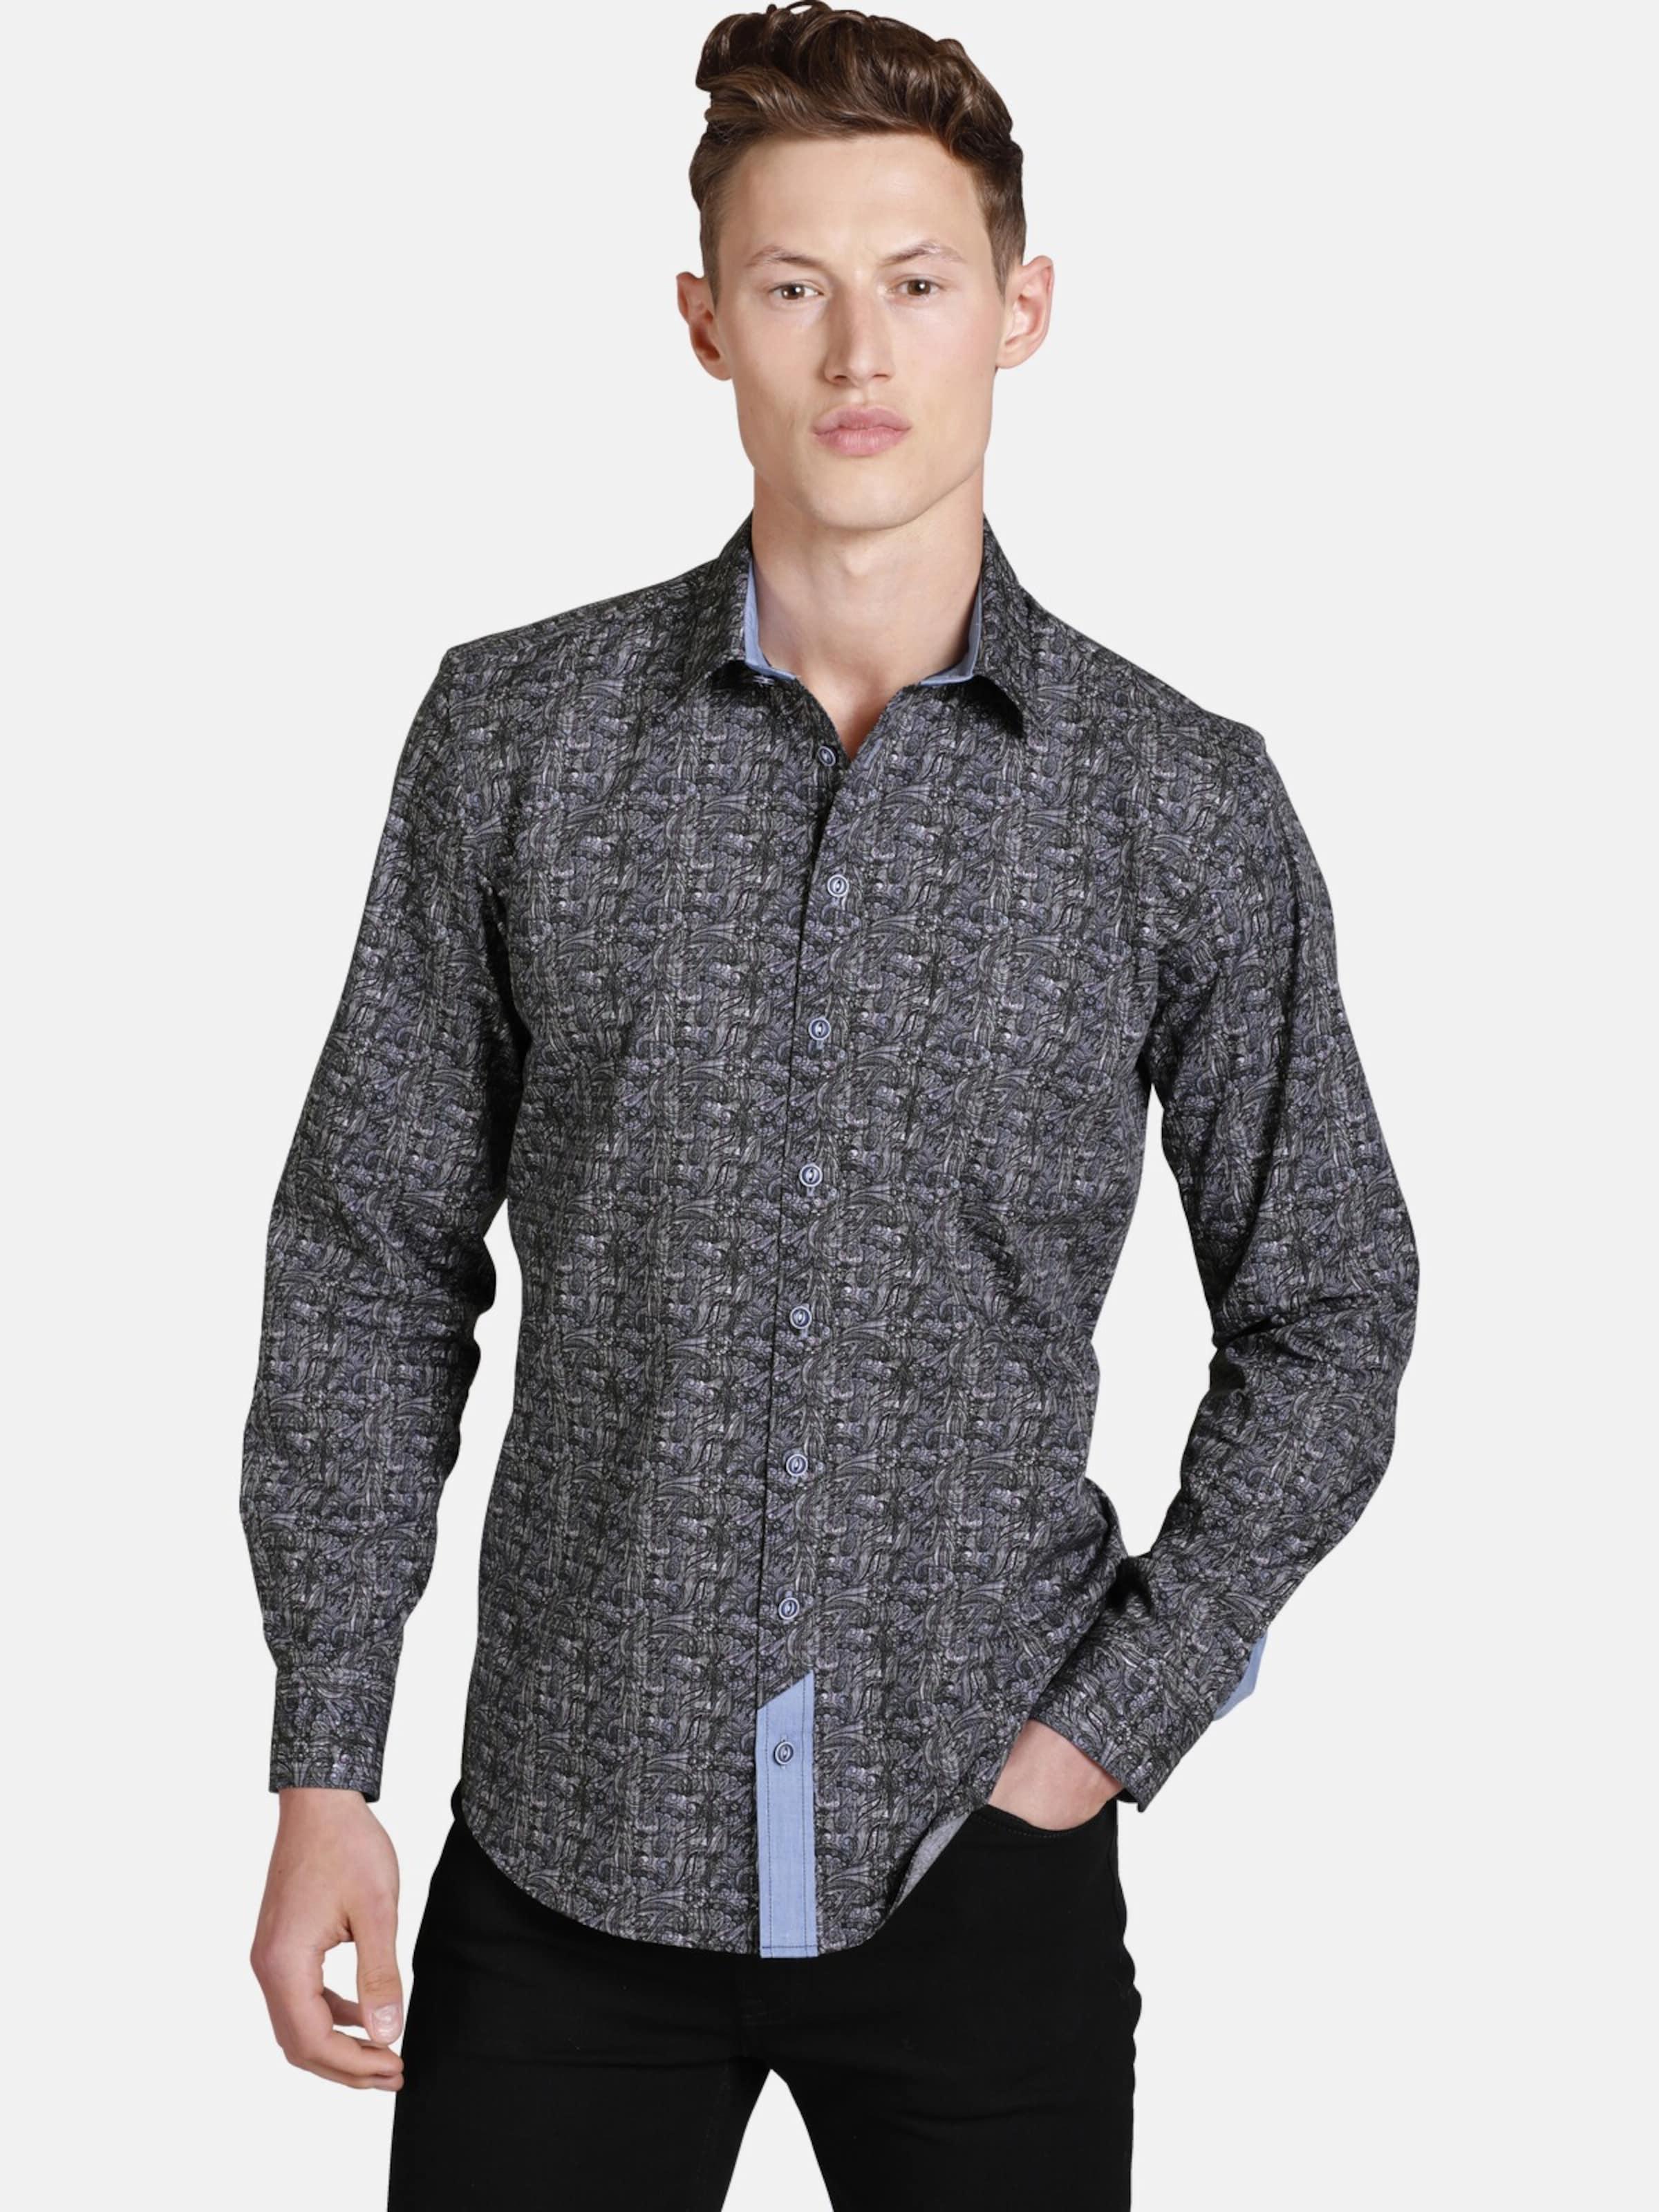 Shirtmaster Hemd ' Wildpaisley ' in mischfarben Kentkragen S04901-0001